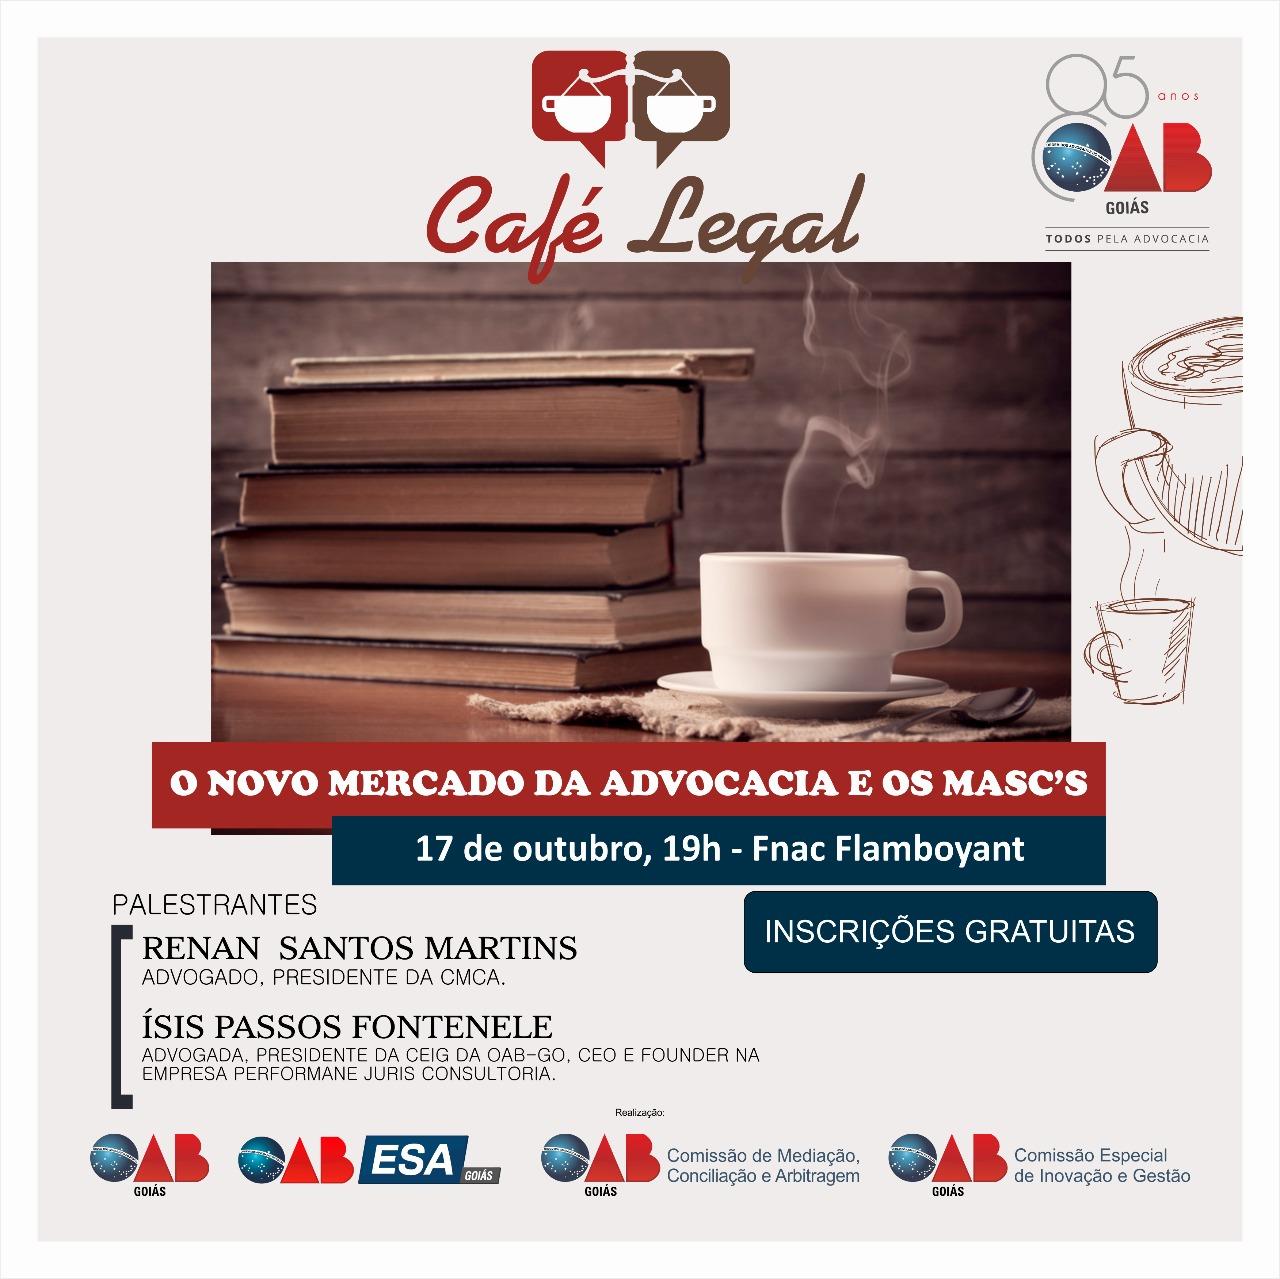 17.10 - Café Legal - O Novo Mercado da Advocacia e os Masc's